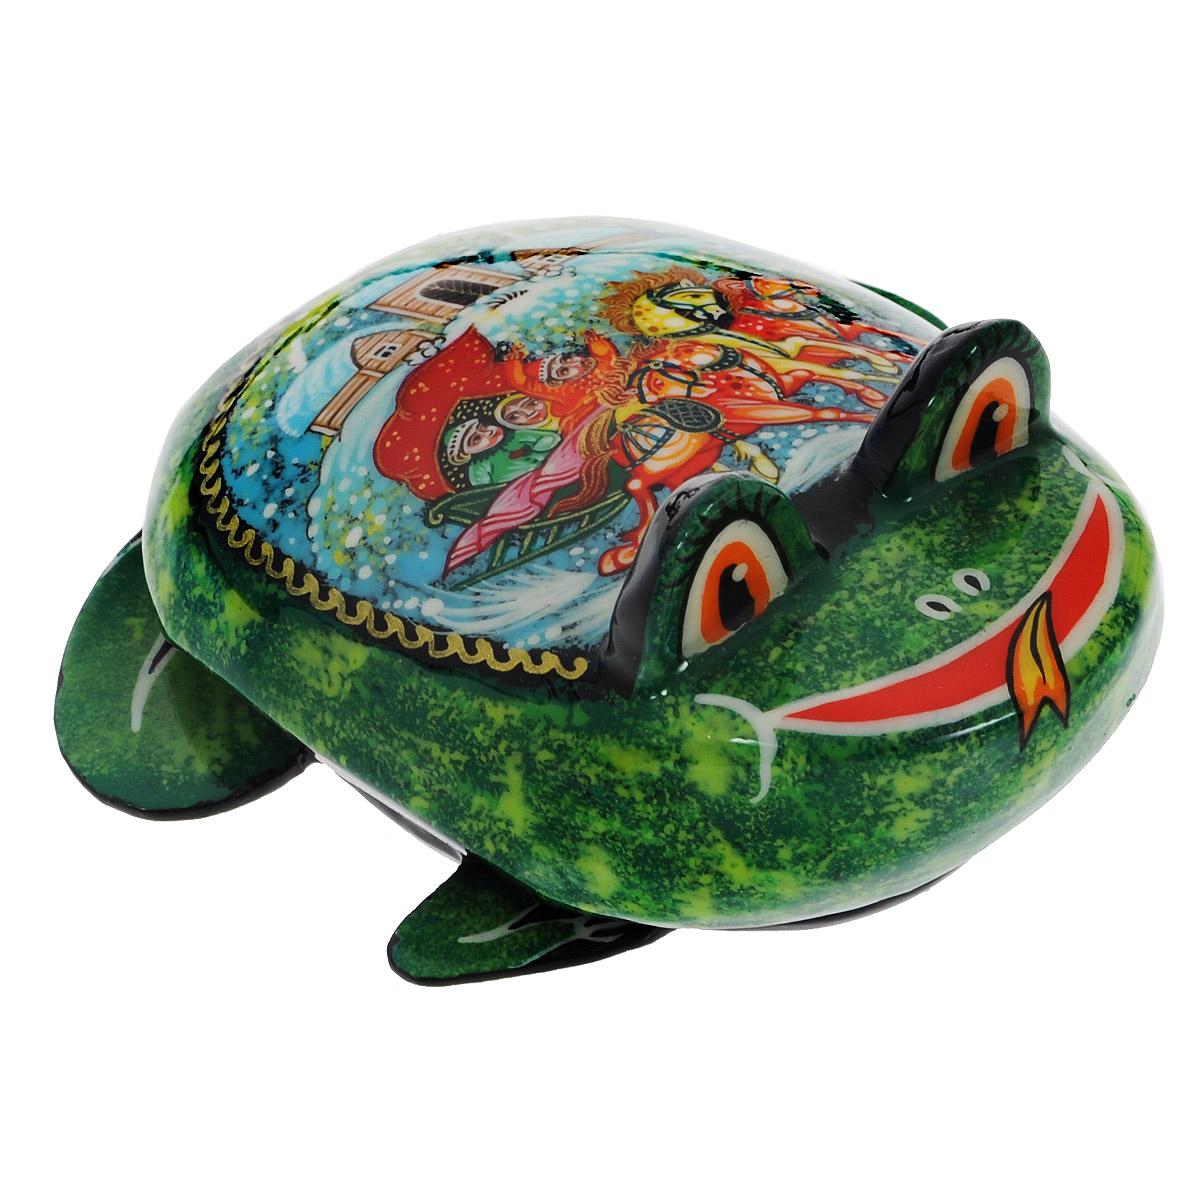 Лаковая миниатюра-шкатулка Палех Лягушка, цвет: зеленый, 5 см. Ручная работа сувениры